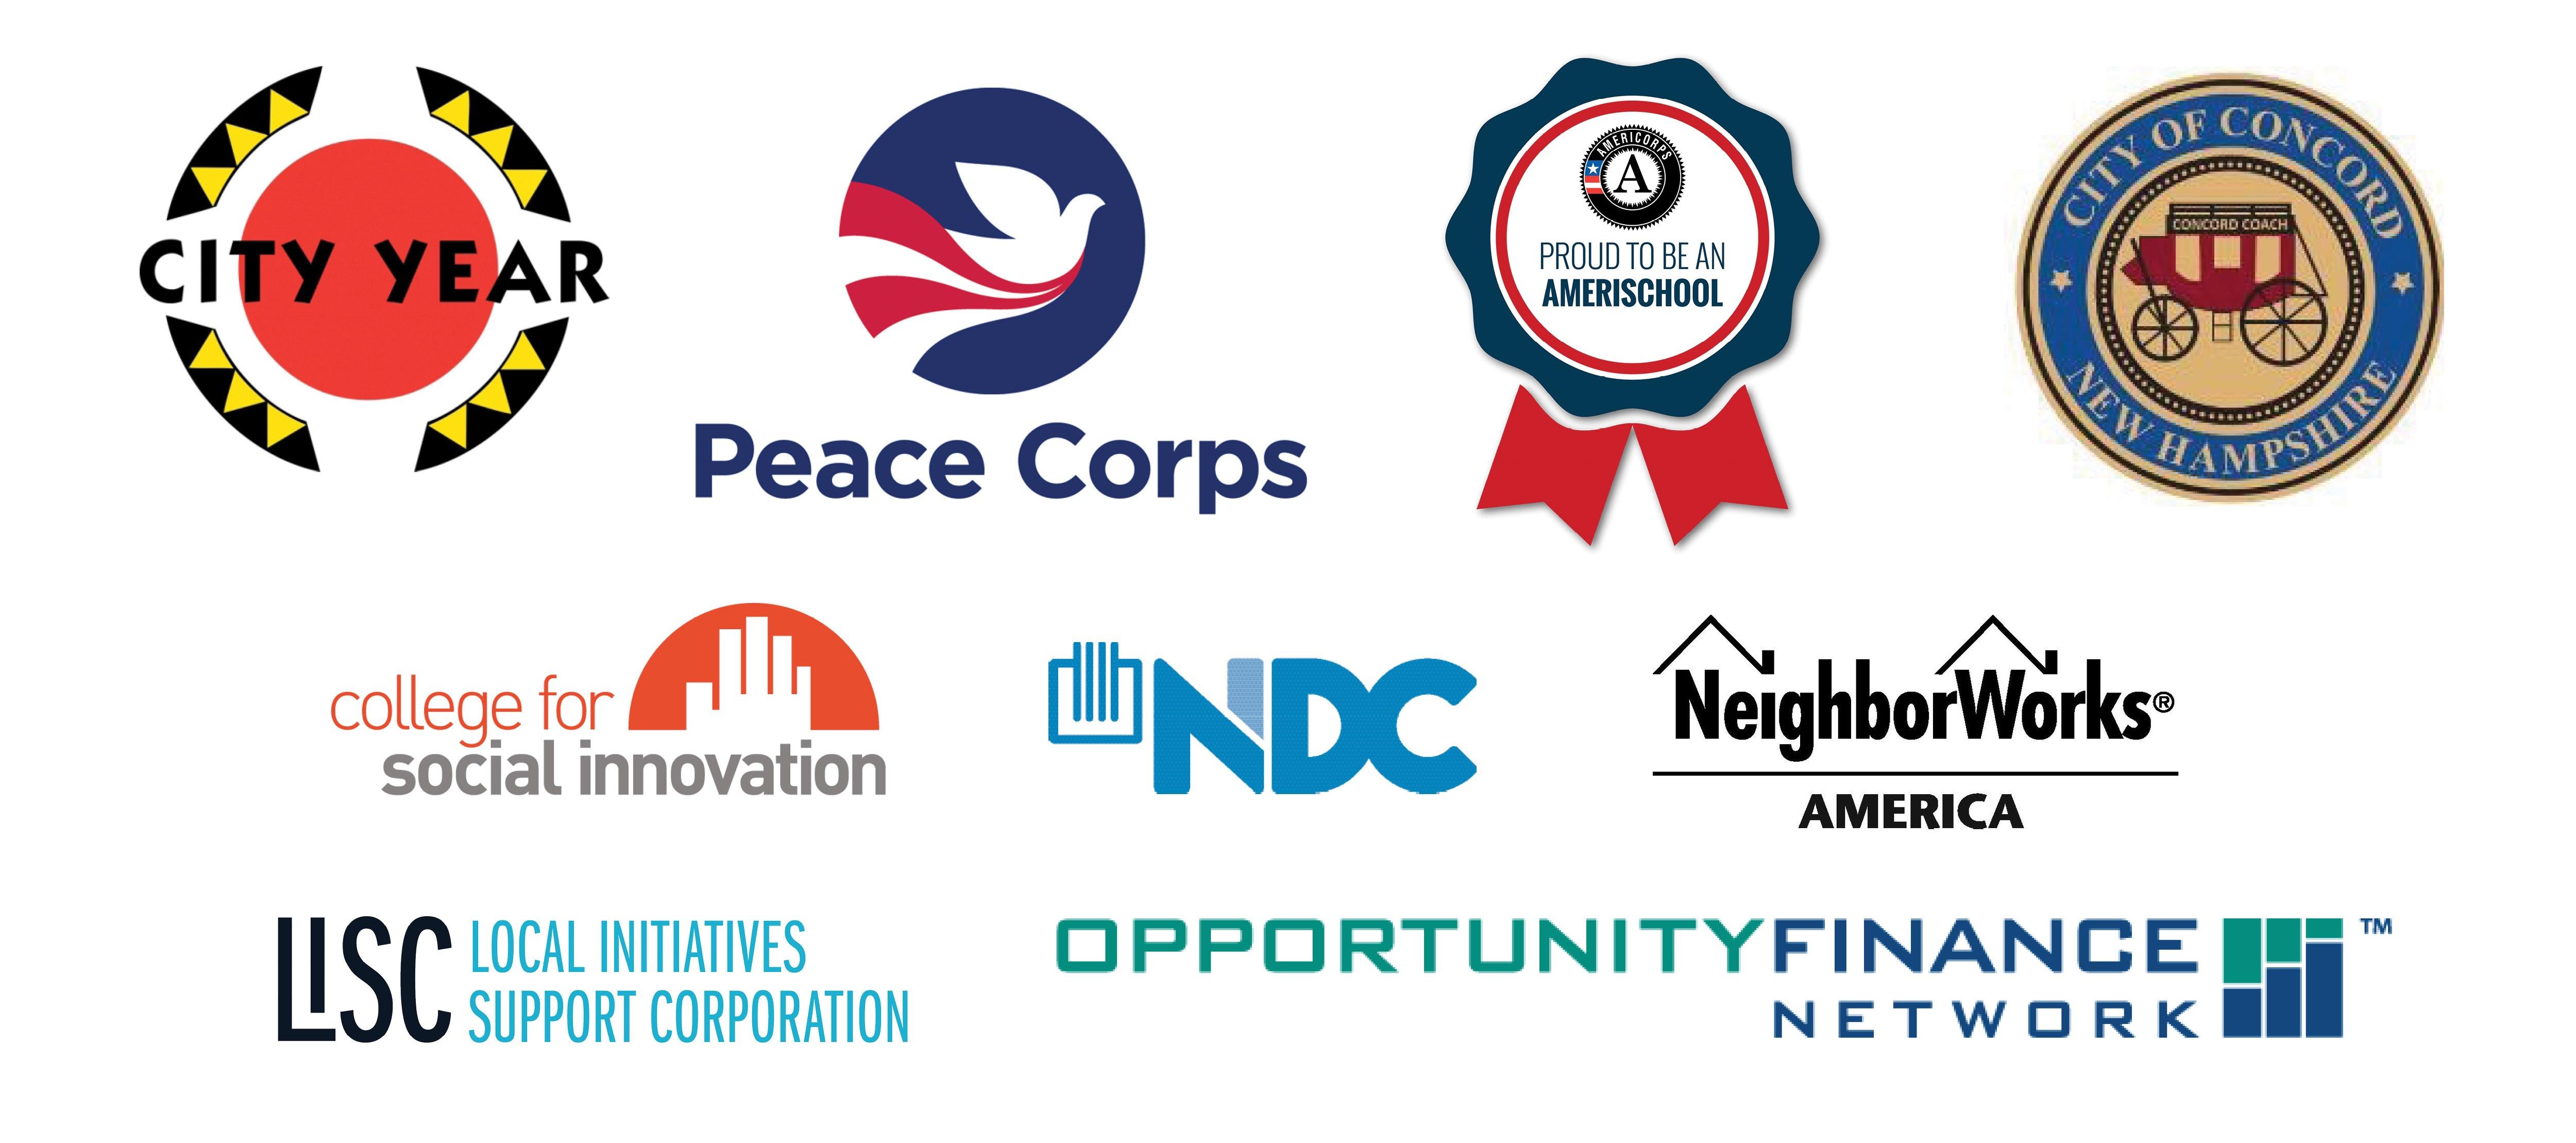 Image of Partnership Logos